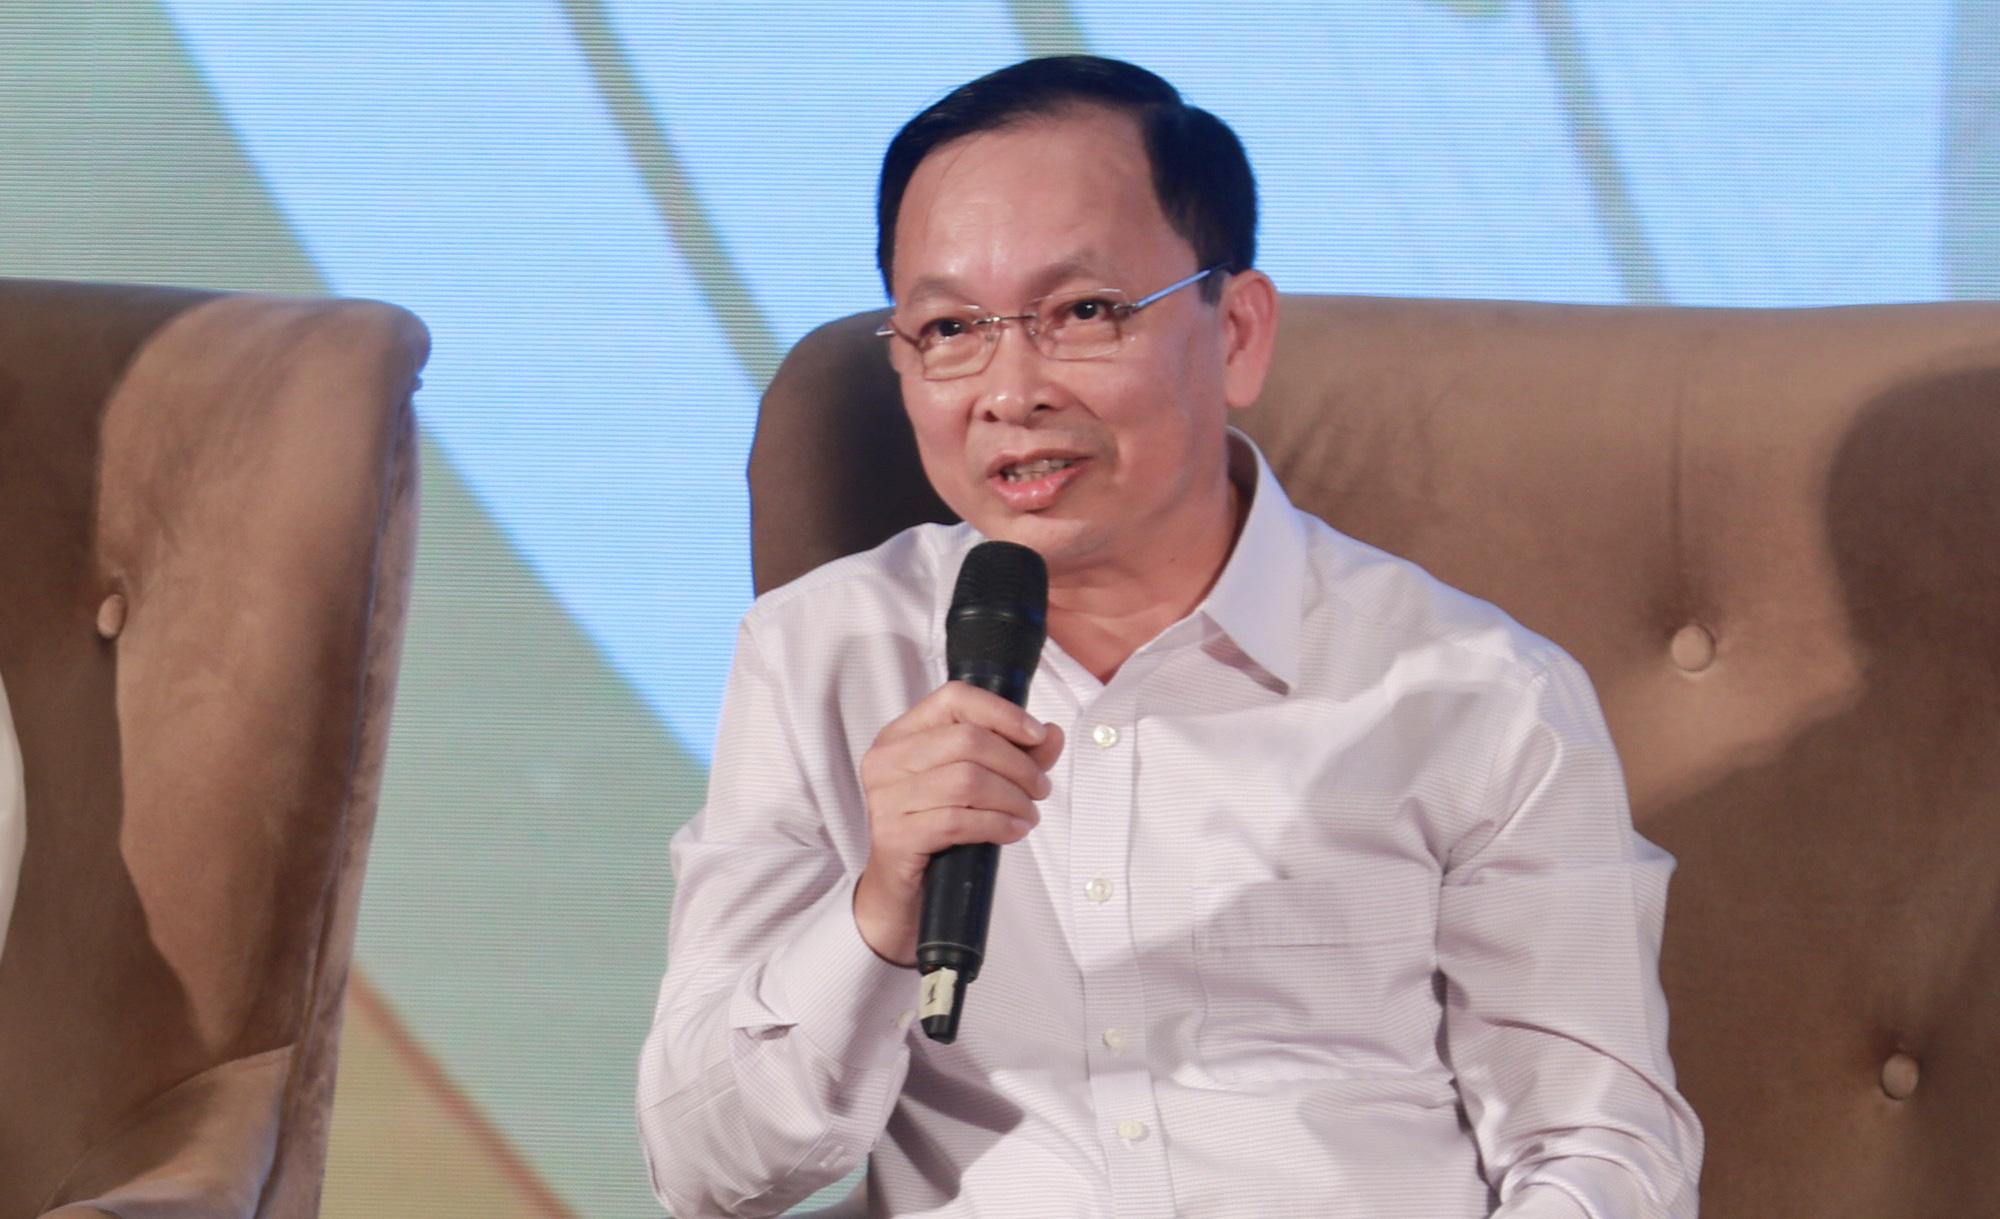 Trung tướng Lương Tam Quang- Thứ trưởng Bộ Công an: Cần sự phối hợp của người dân để triệt phá tín dụng đen - Ảnh 4.